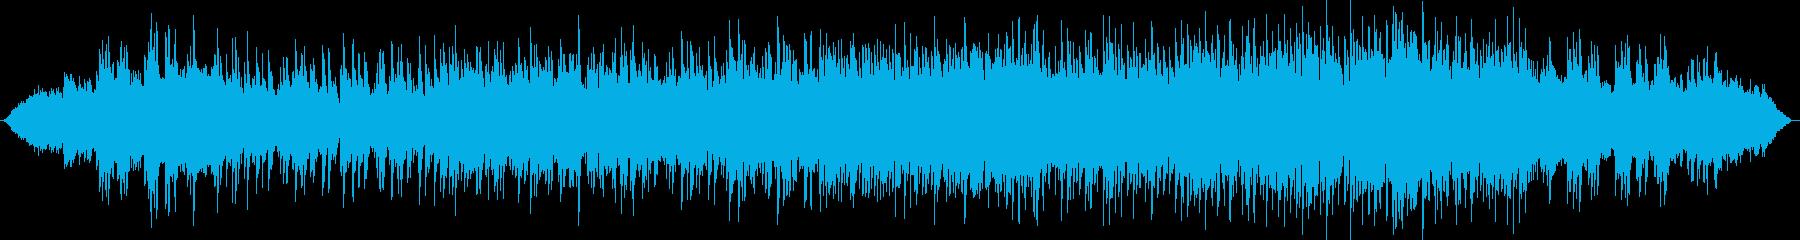 オーロラをイメージした癒しのバラードの再生済みの波形